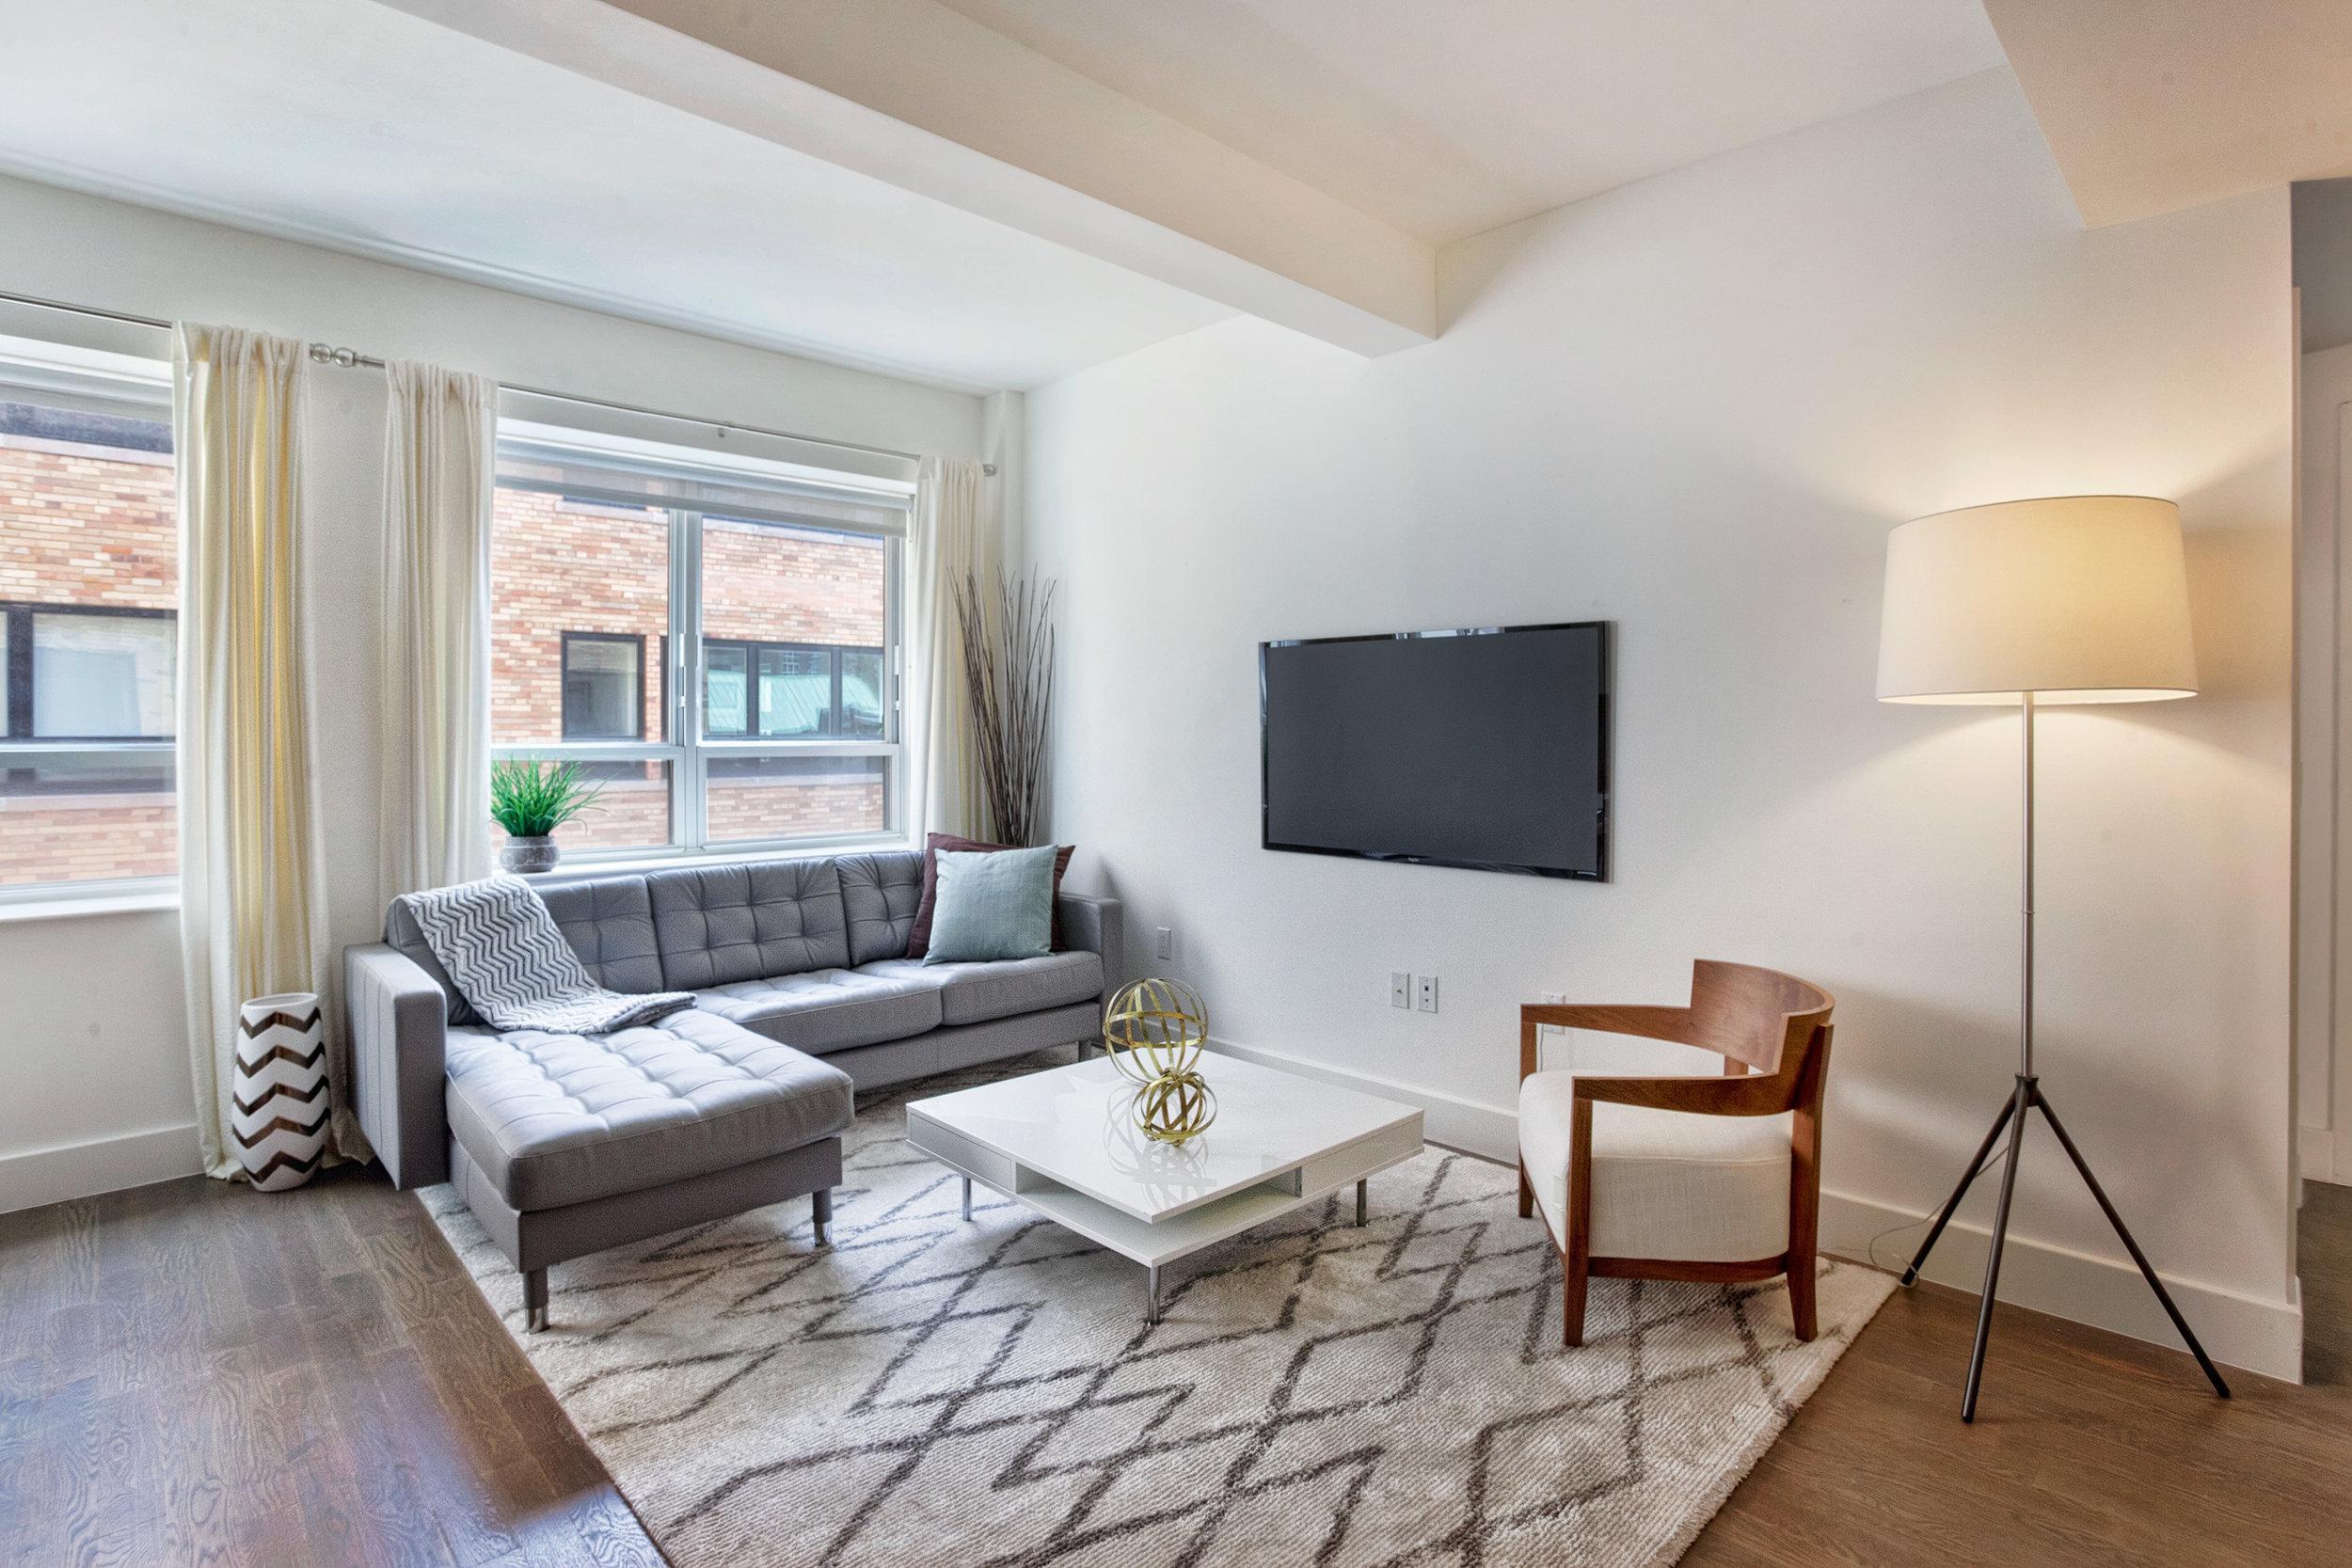 432 West 52nd Street, #6A - $1,575,000